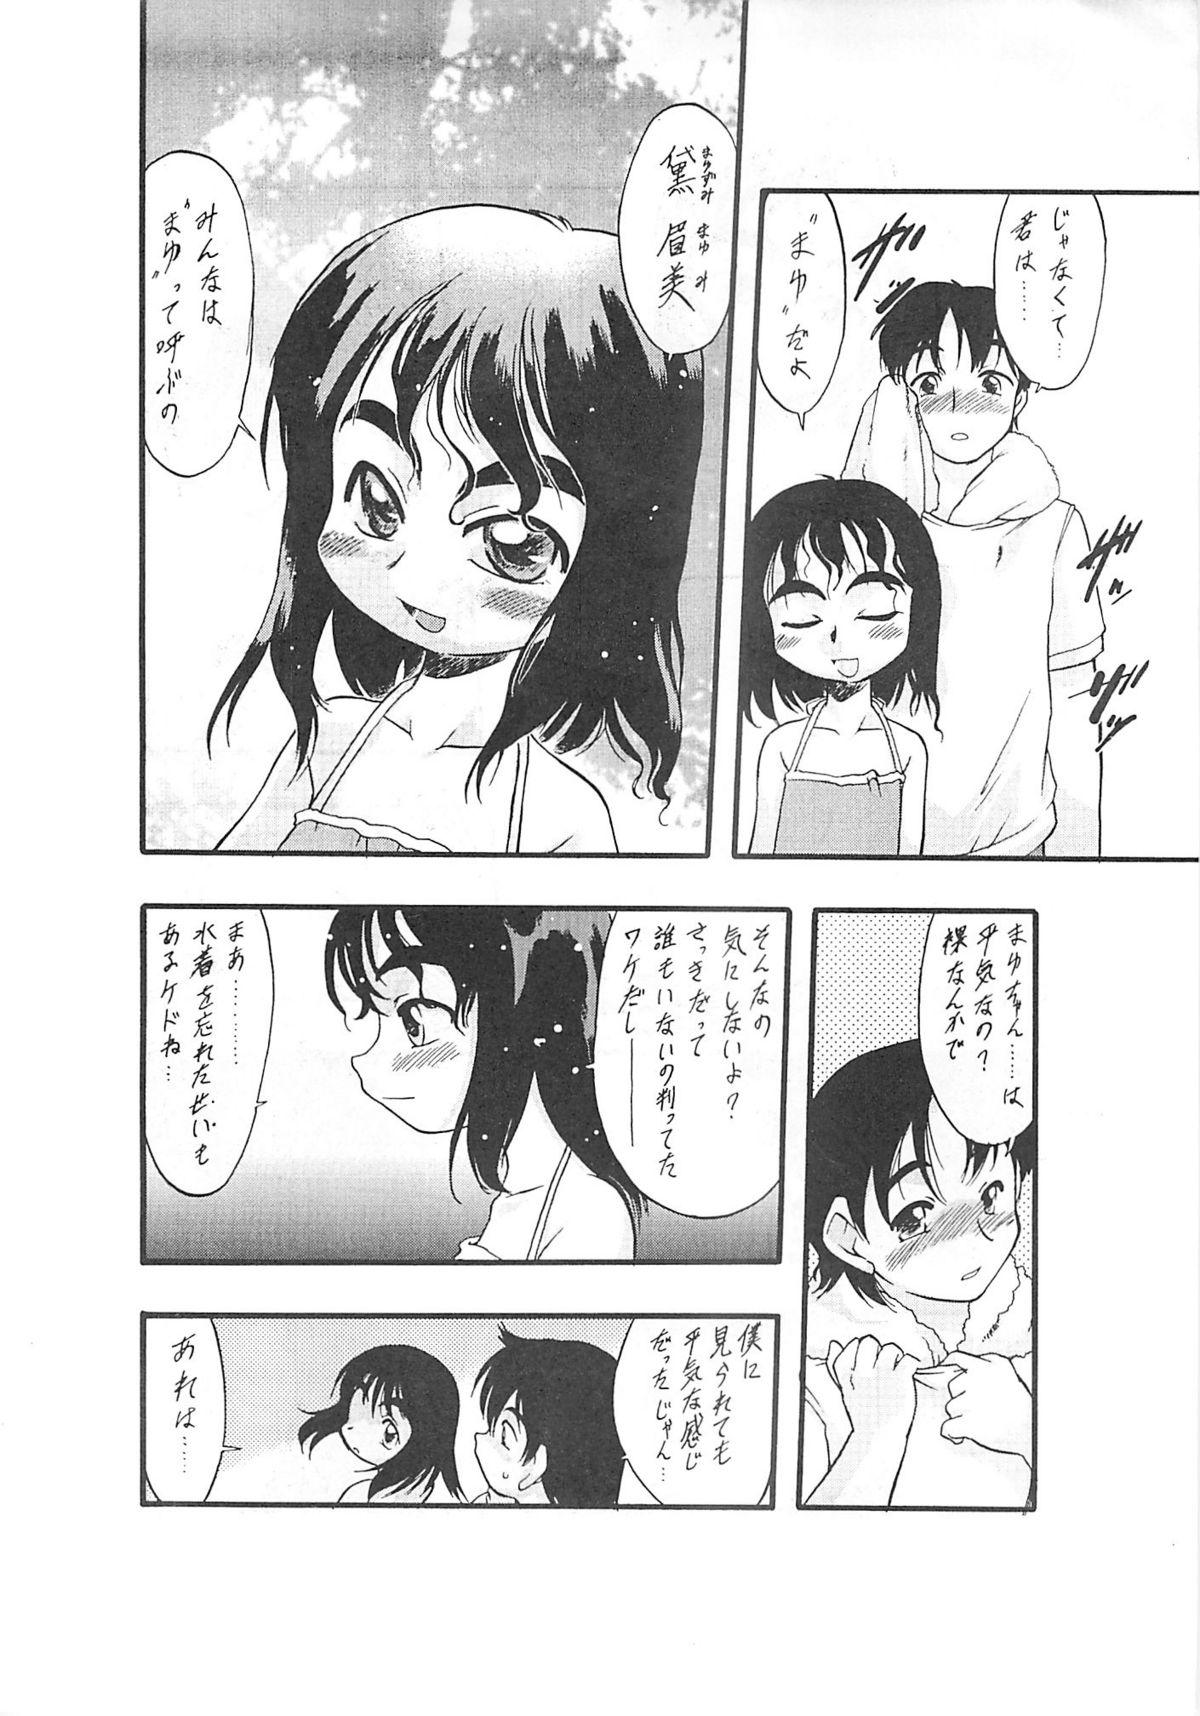 Nushi no Sumu Yama Vol. 1 8